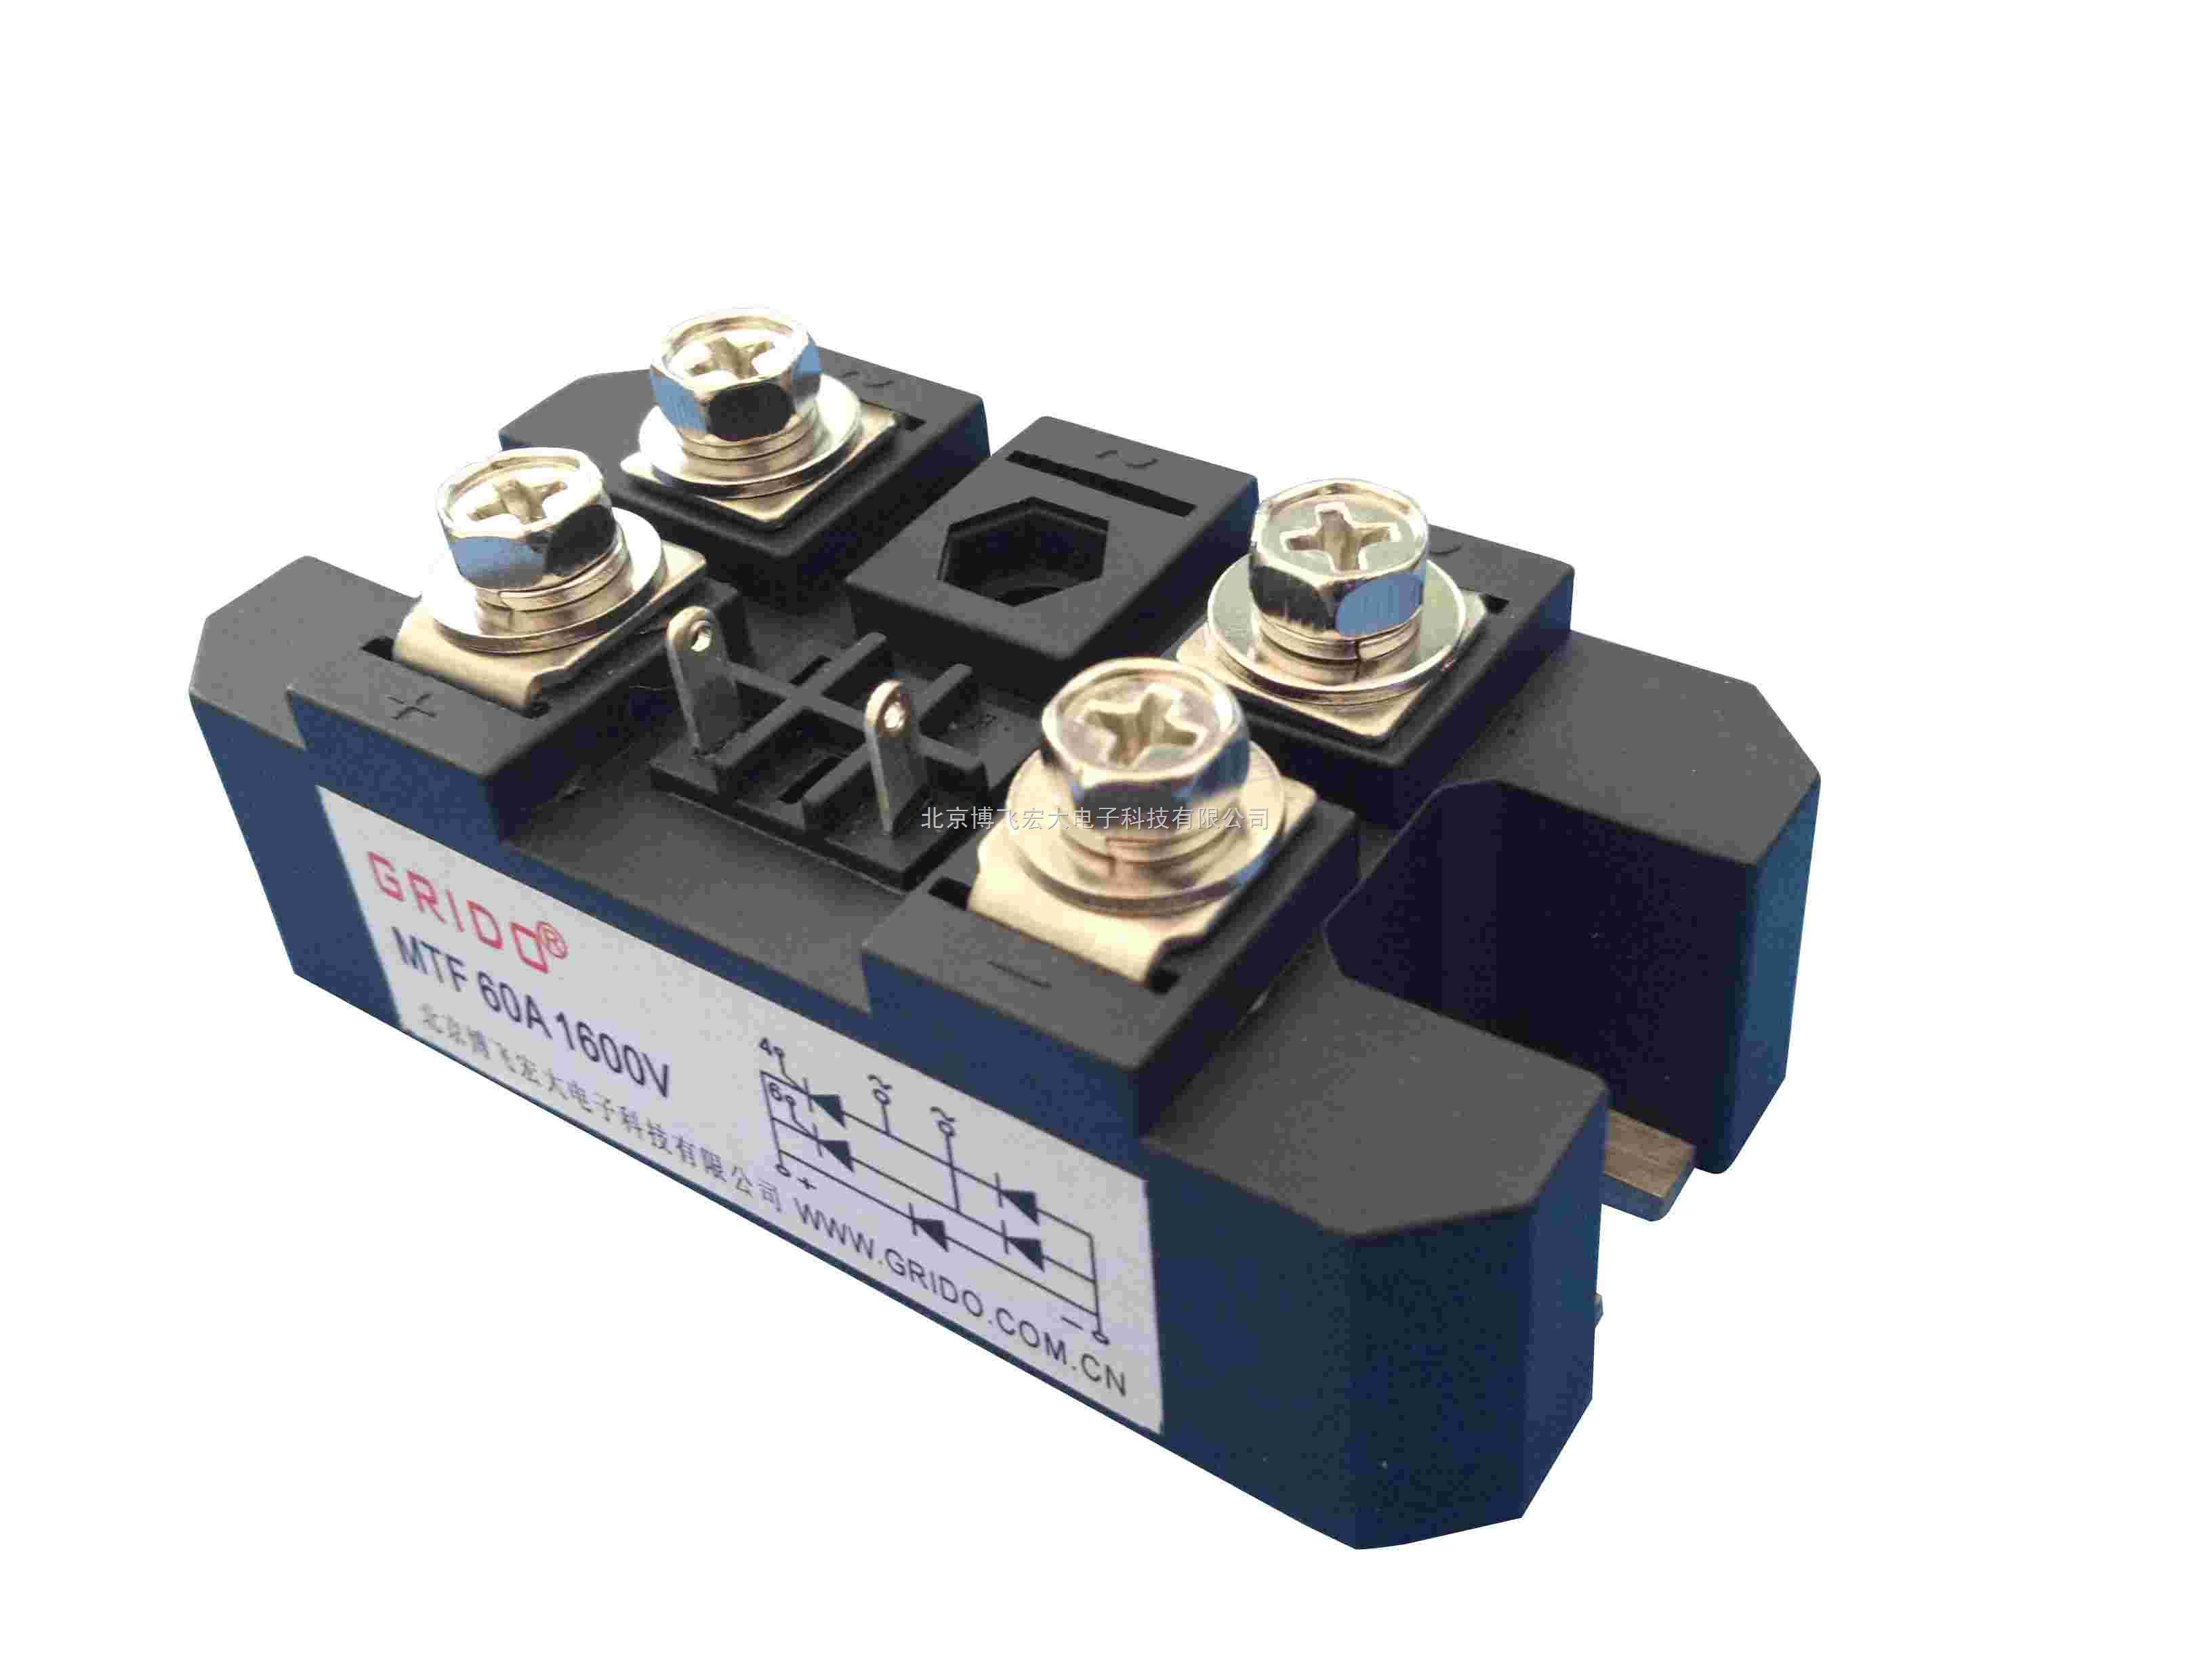 直流电机励磁电源5,开关电源的输入整流6